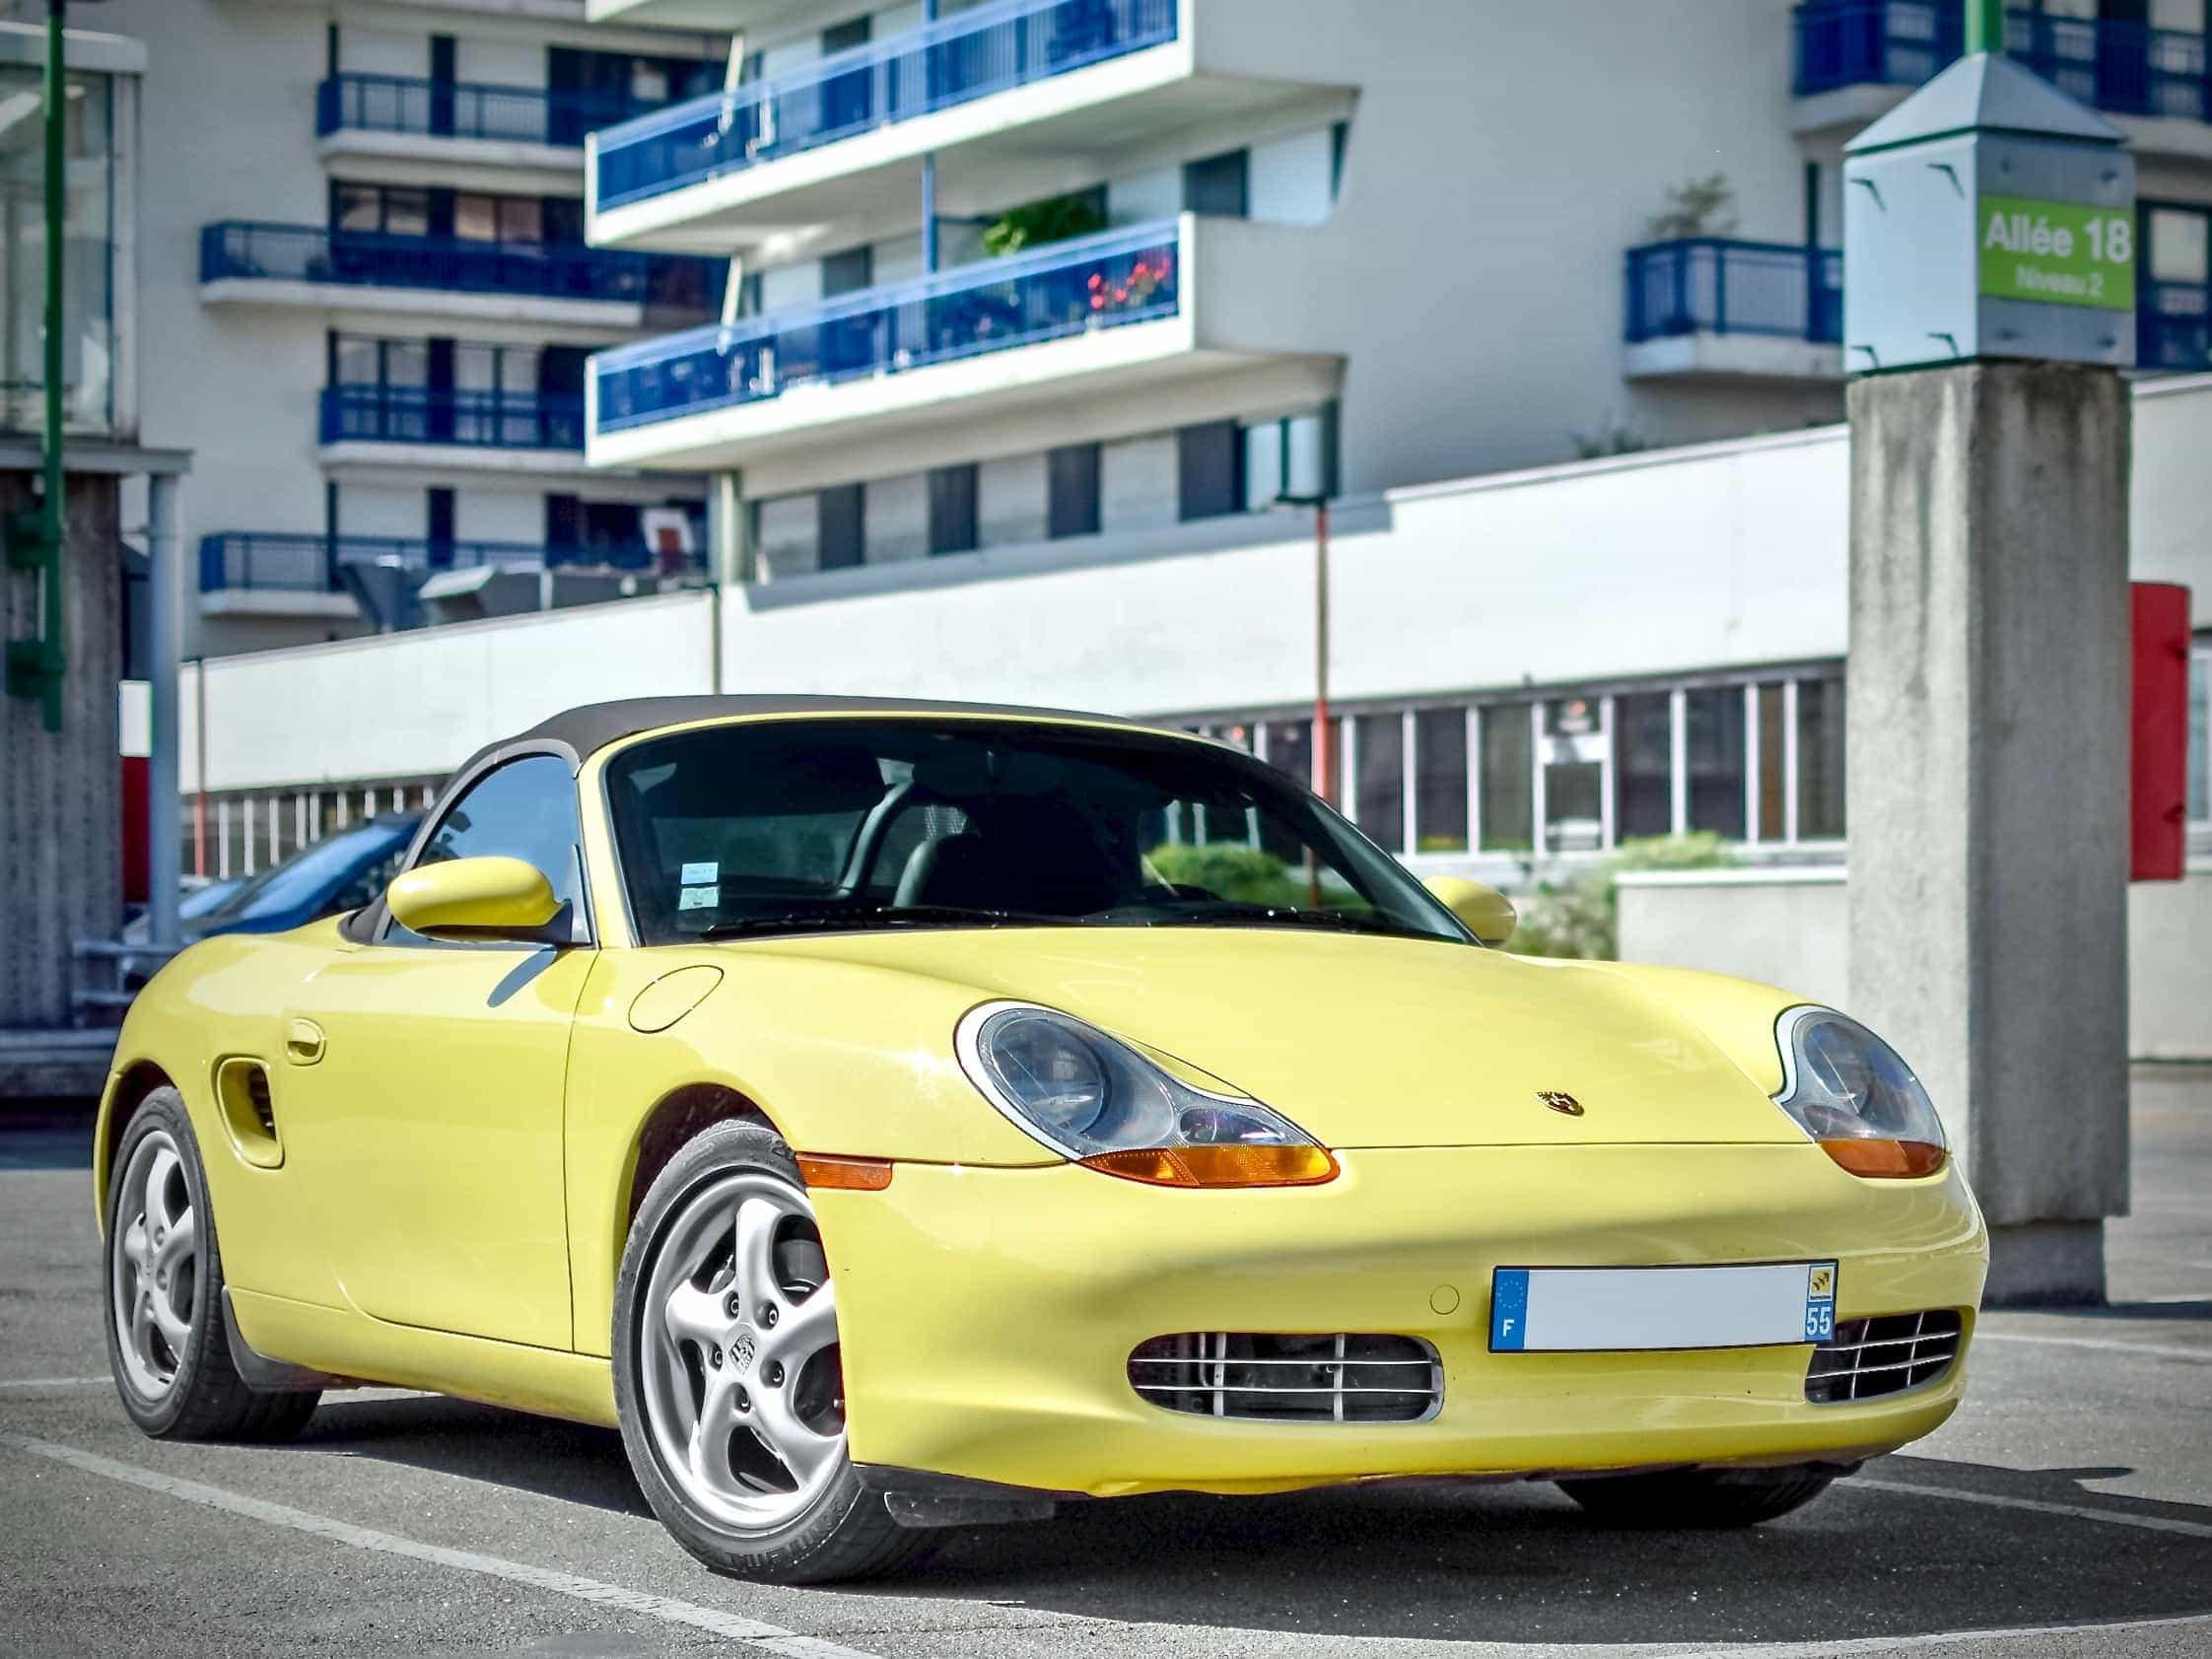 Yellow Porsche Boxster 986 color